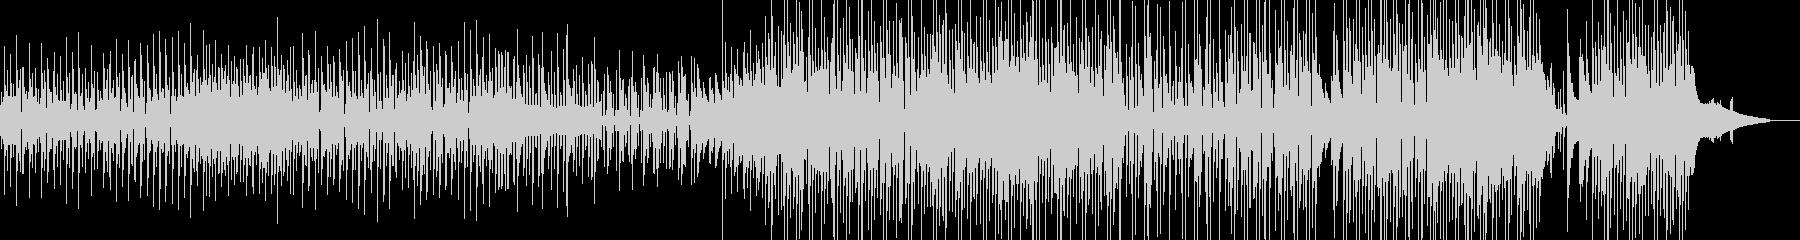 ウクレレ・後半賑やか 日常作品に Bの未再生の波形